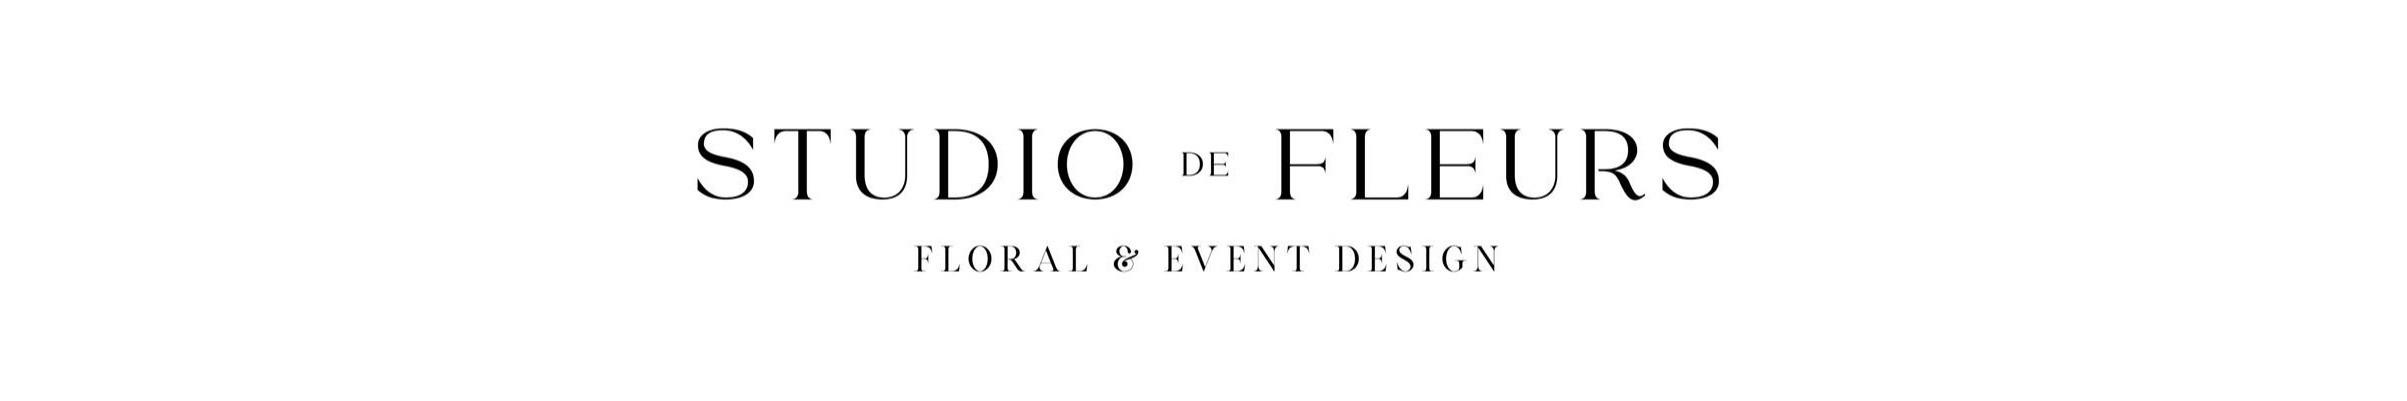 Decoración de bodas y eventos, floristería